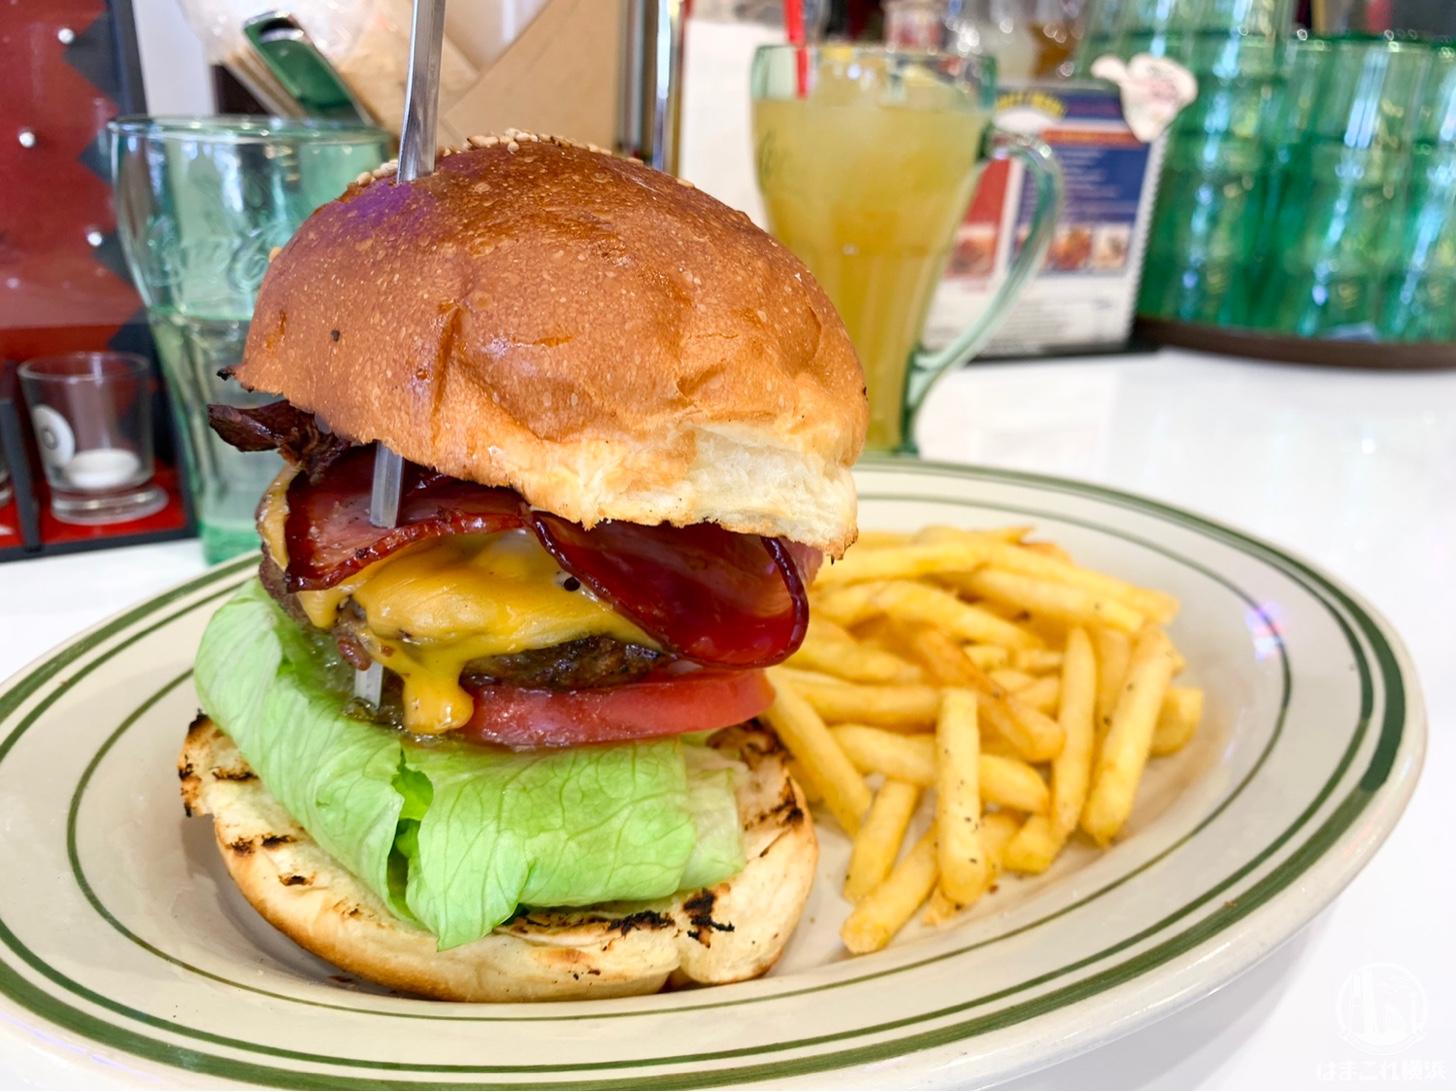 横浜「ペニーズダイナー」で100%ビーフ肉厚ハンバーガー!横浜港大さん橋すぐ